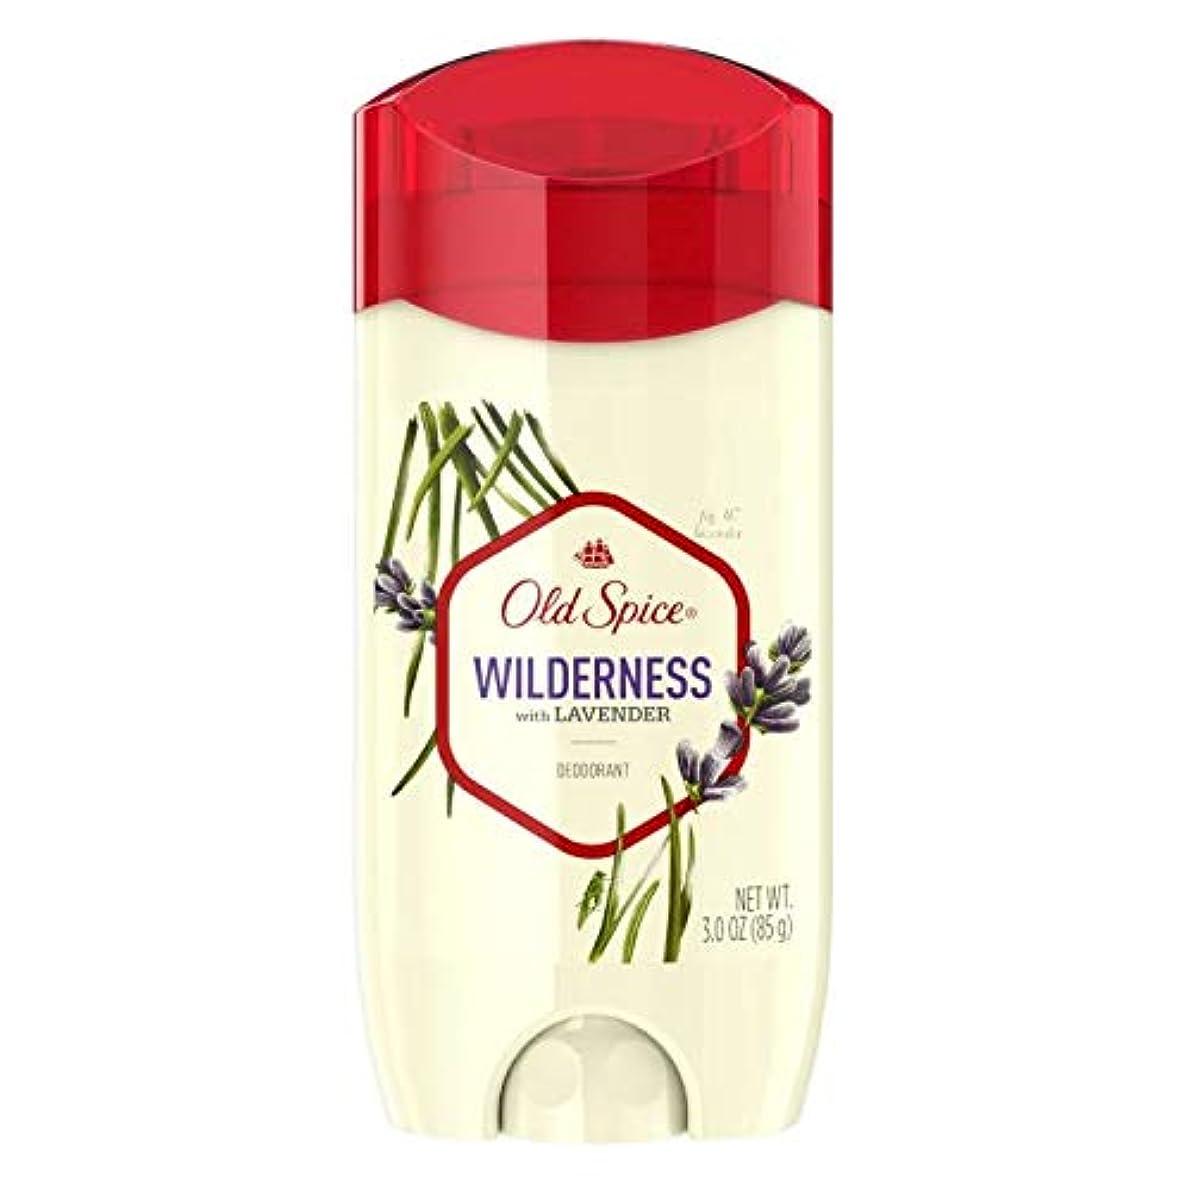 デクリメント精神的に現在Old Spice Fresher Collection Wilderness Deodorant - 3.0oz オールドスパイス フレッシャー コレクション ワイルドネス デオドラント 85g [並行輸入品]